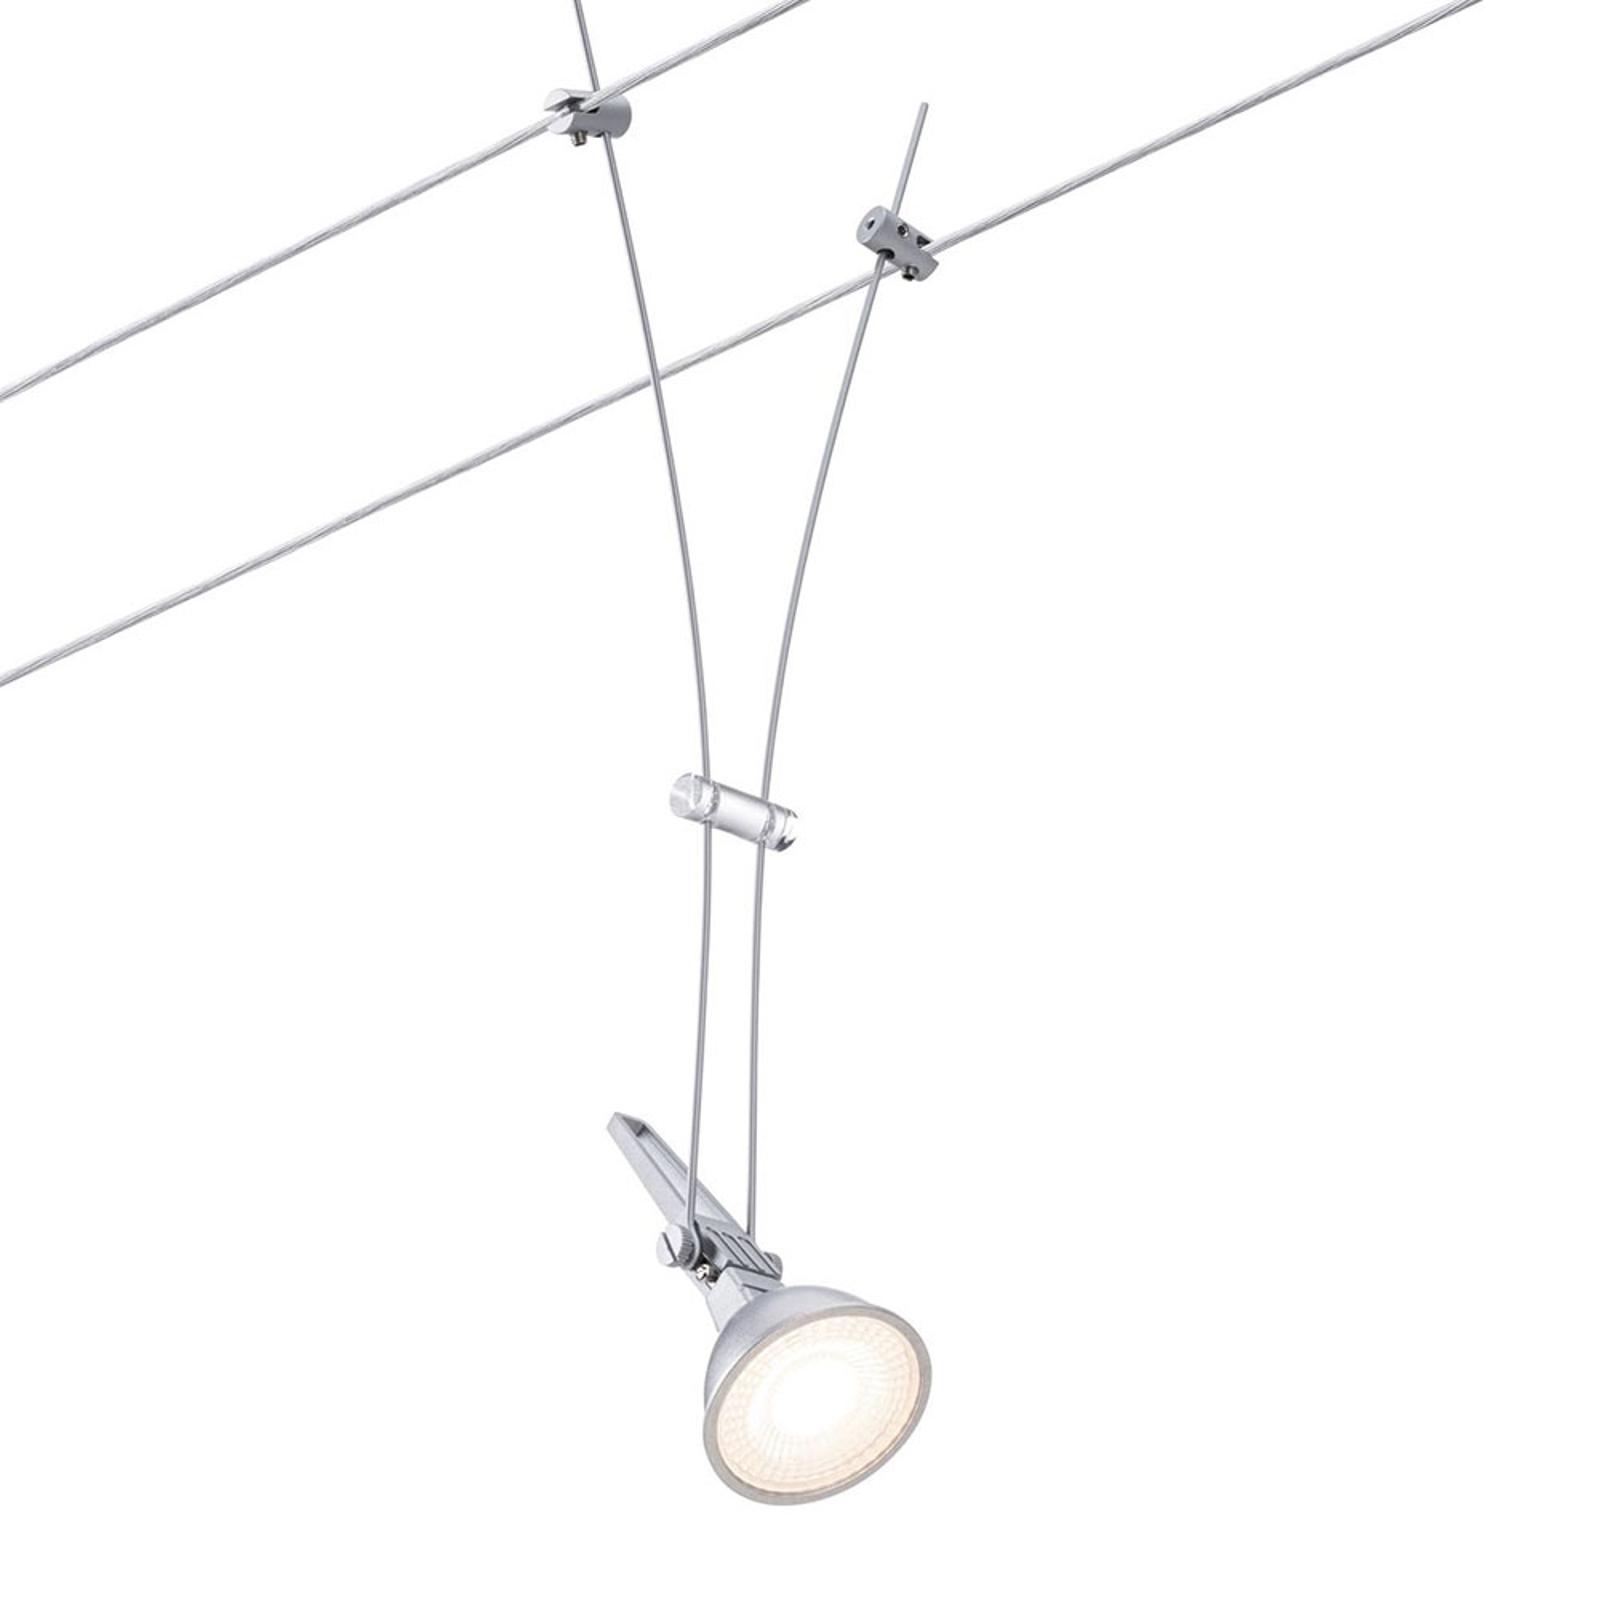 Paulmann Comet Einzelspot für Seilsystem, chrom